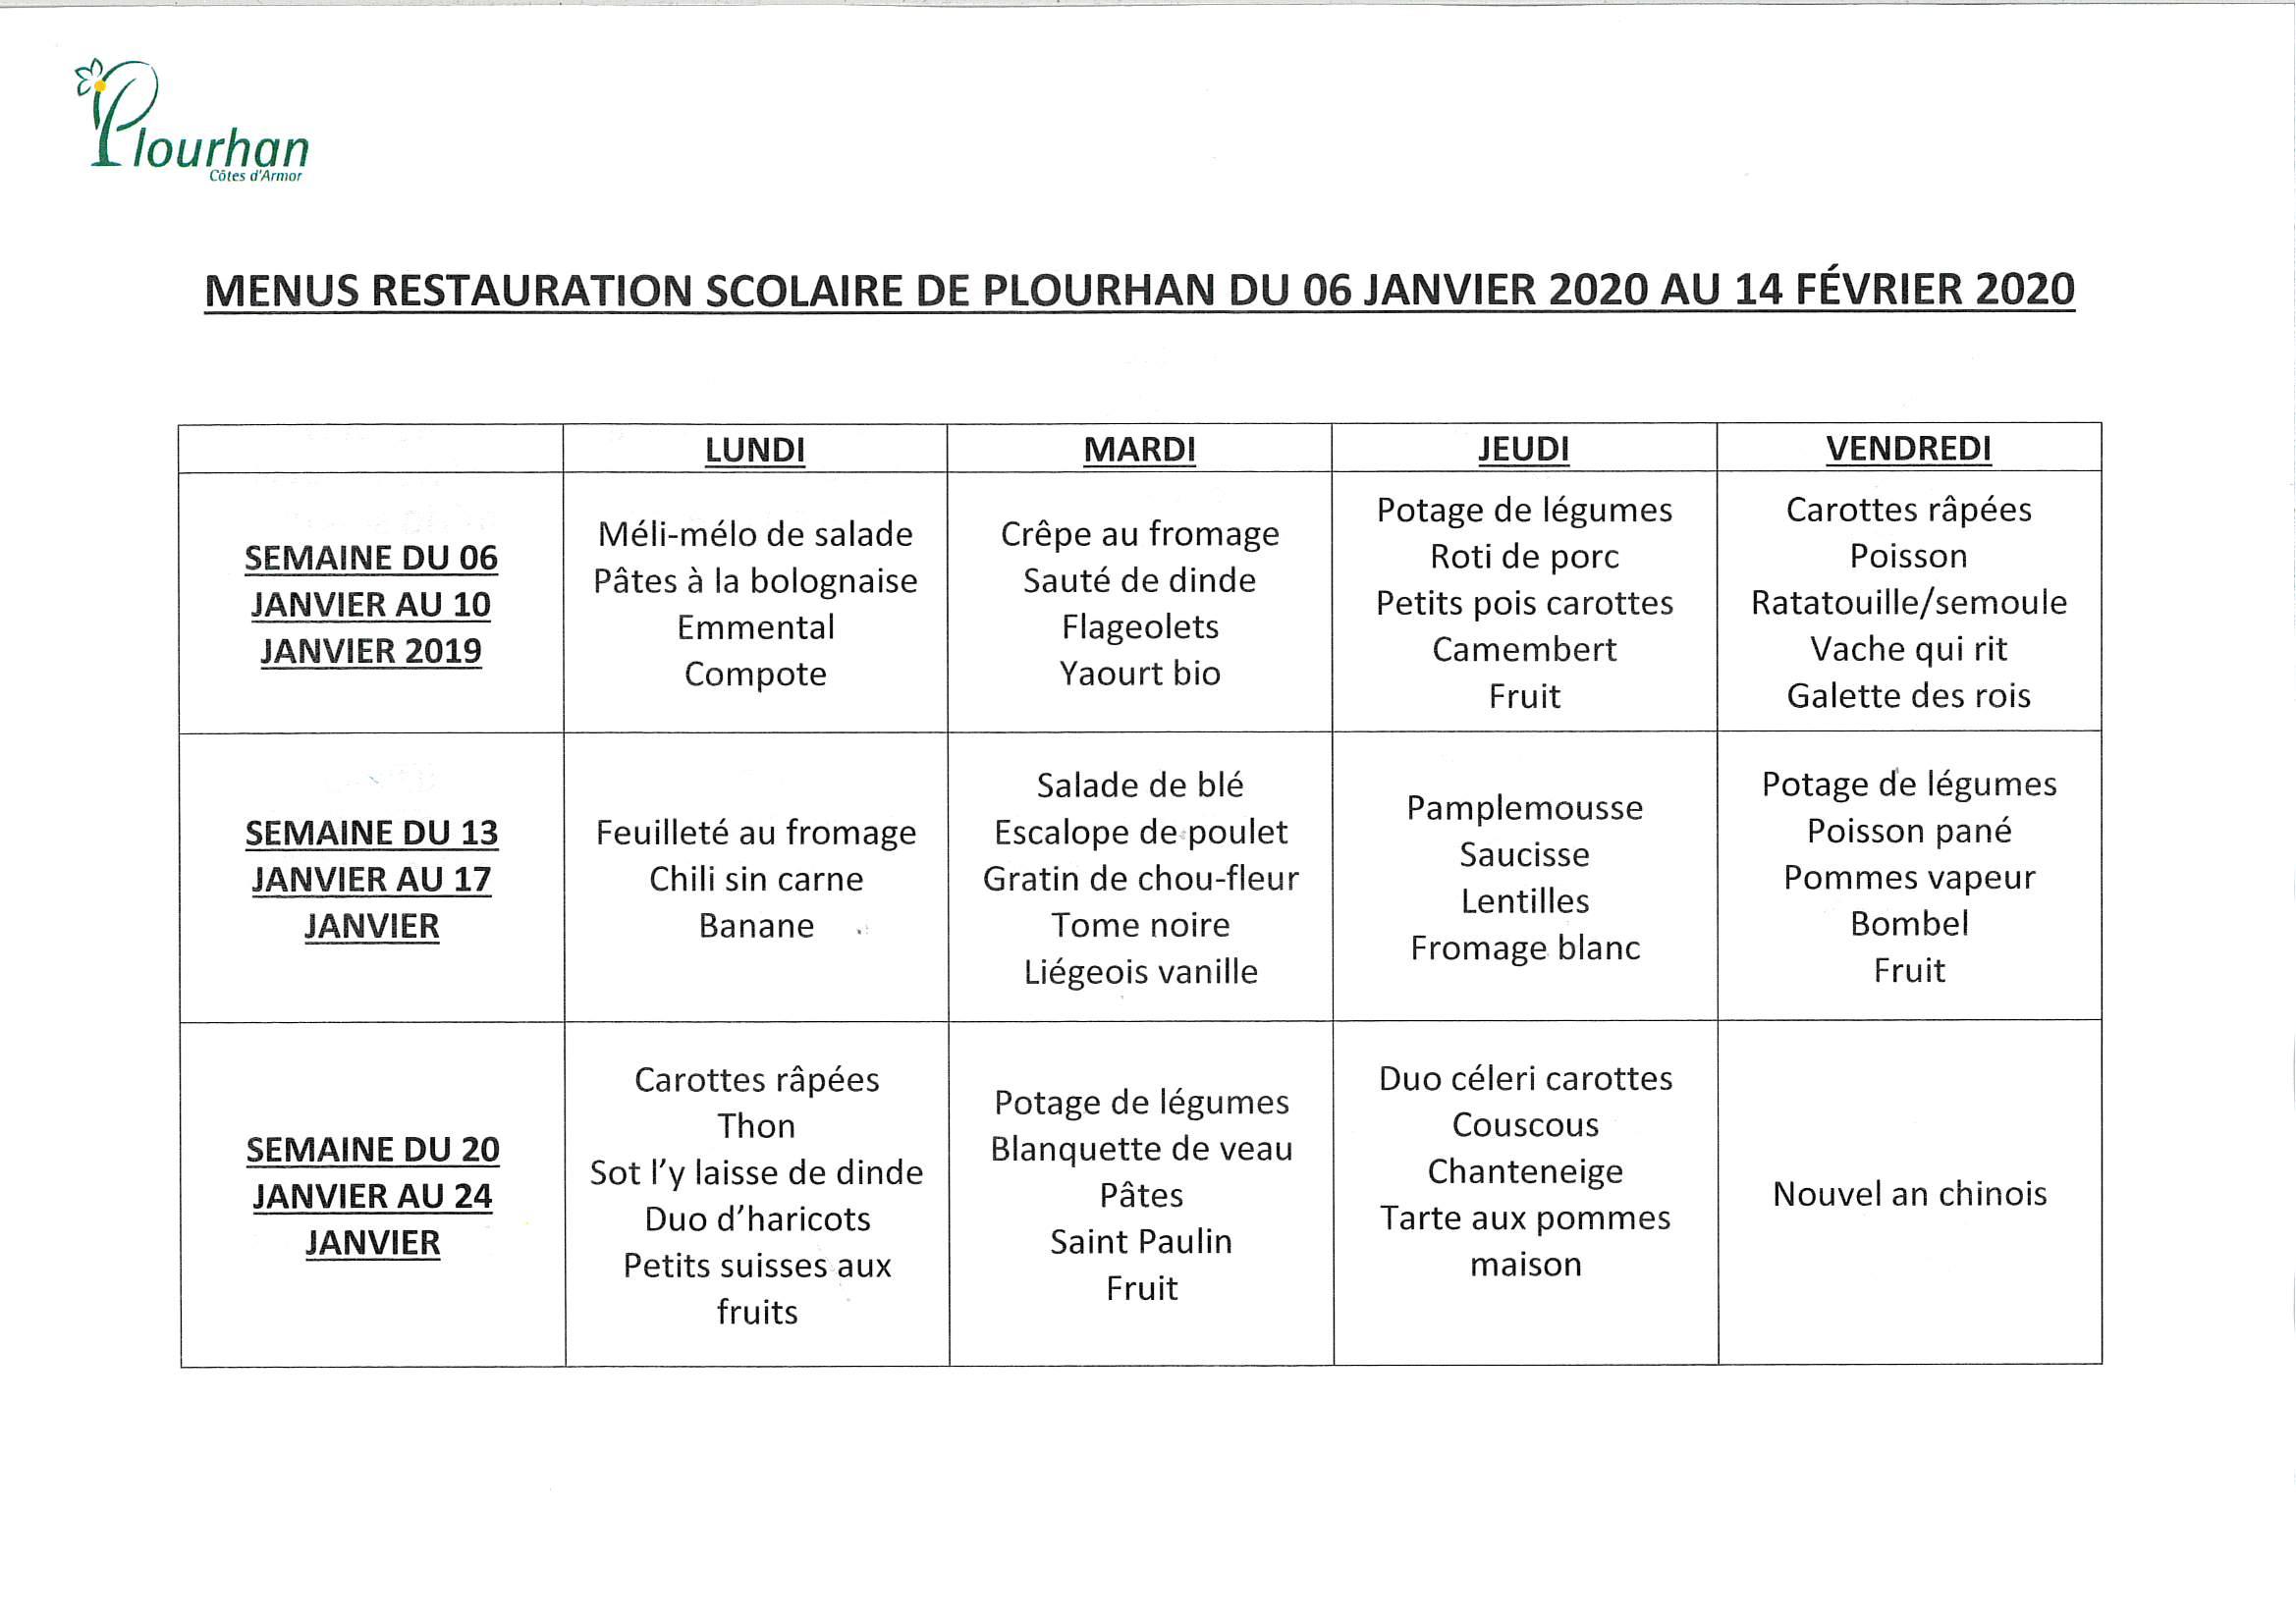 MENUS 06 JANVIER AU 14 FEVRIER 2020_Page_1